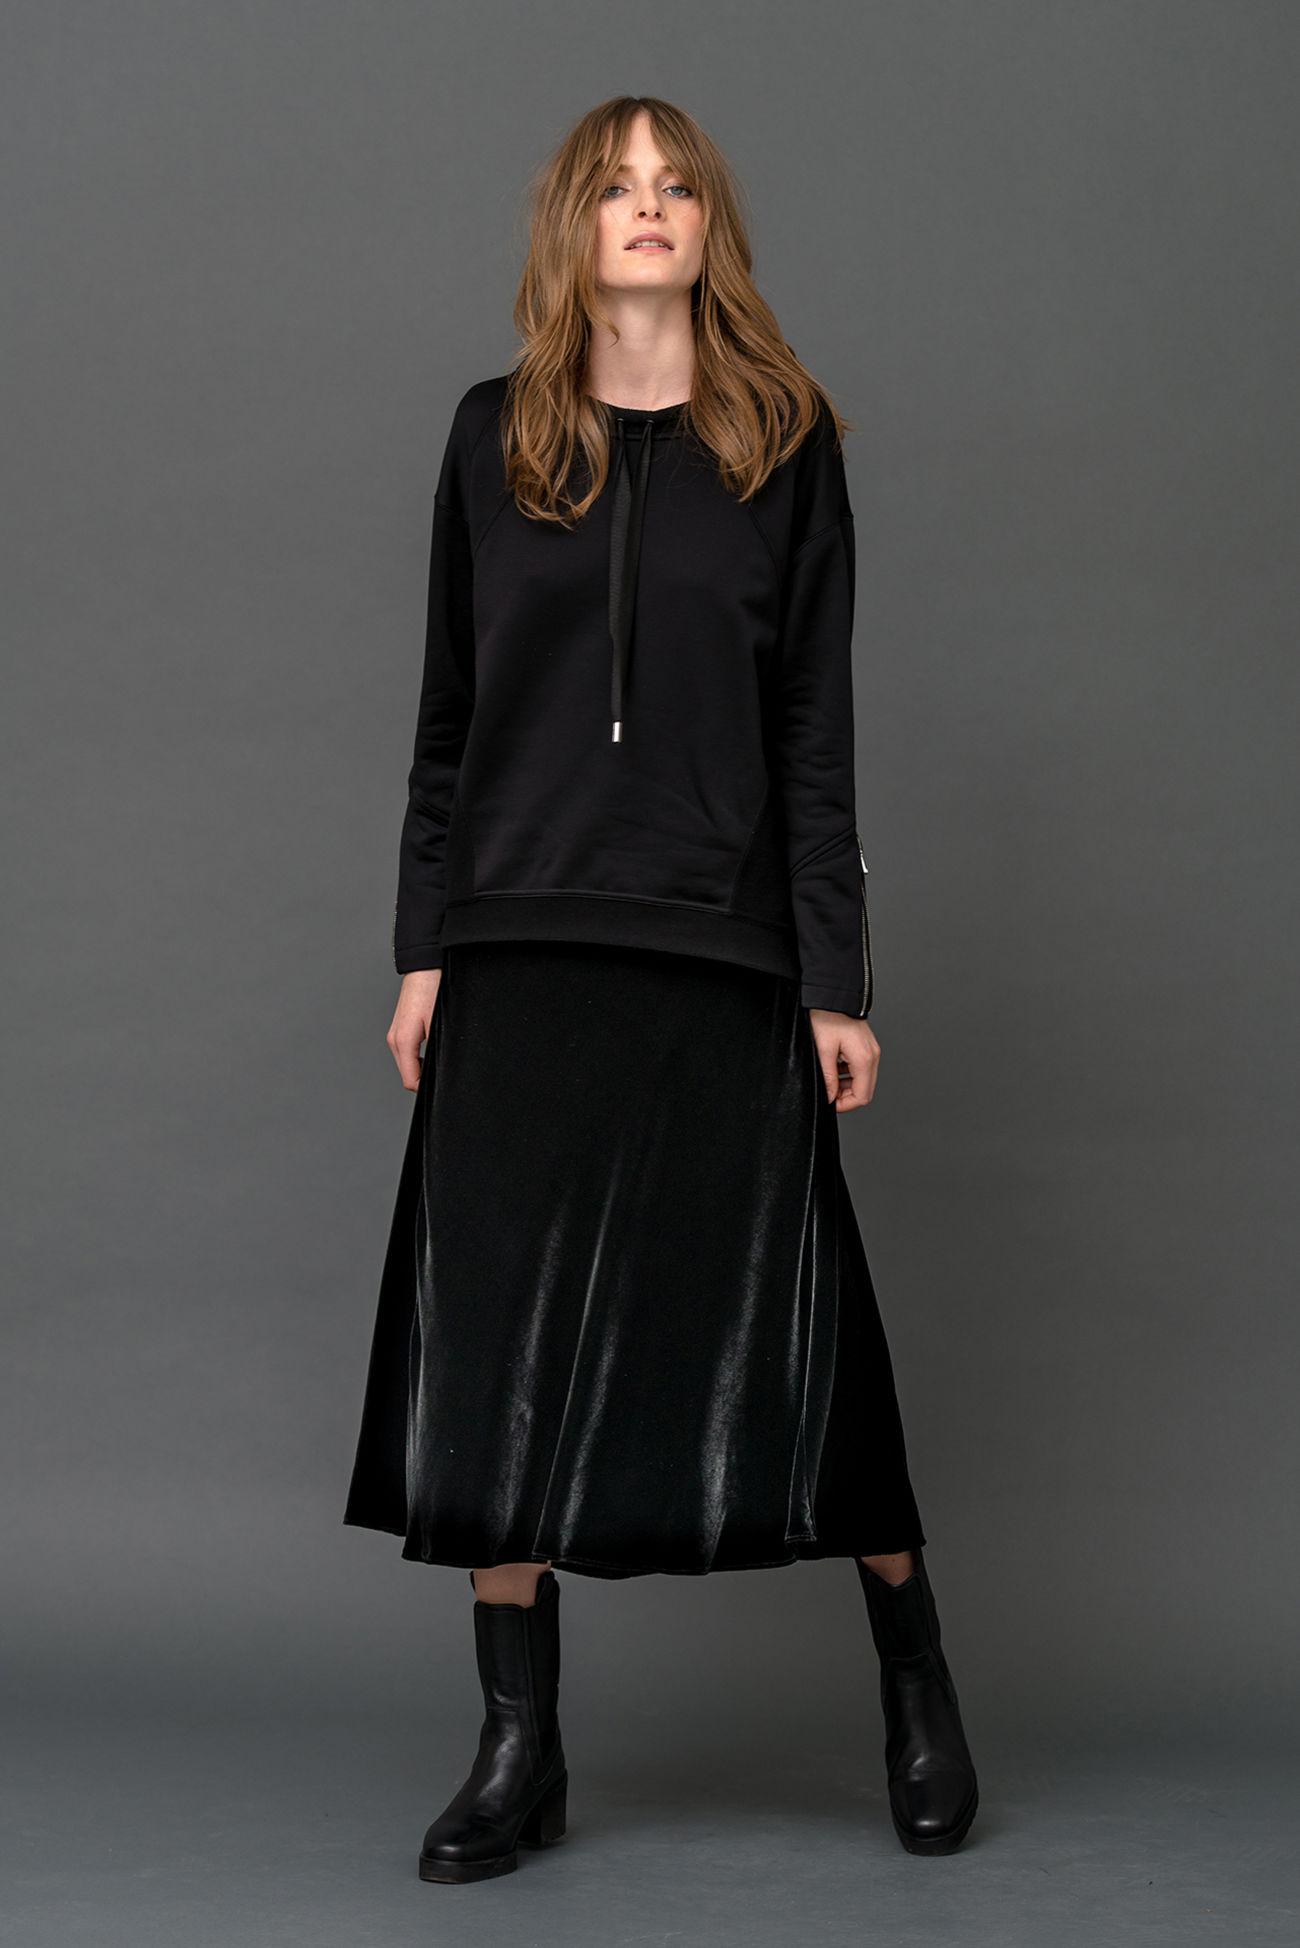 Charming velvet skirt made of viscose-silk blend